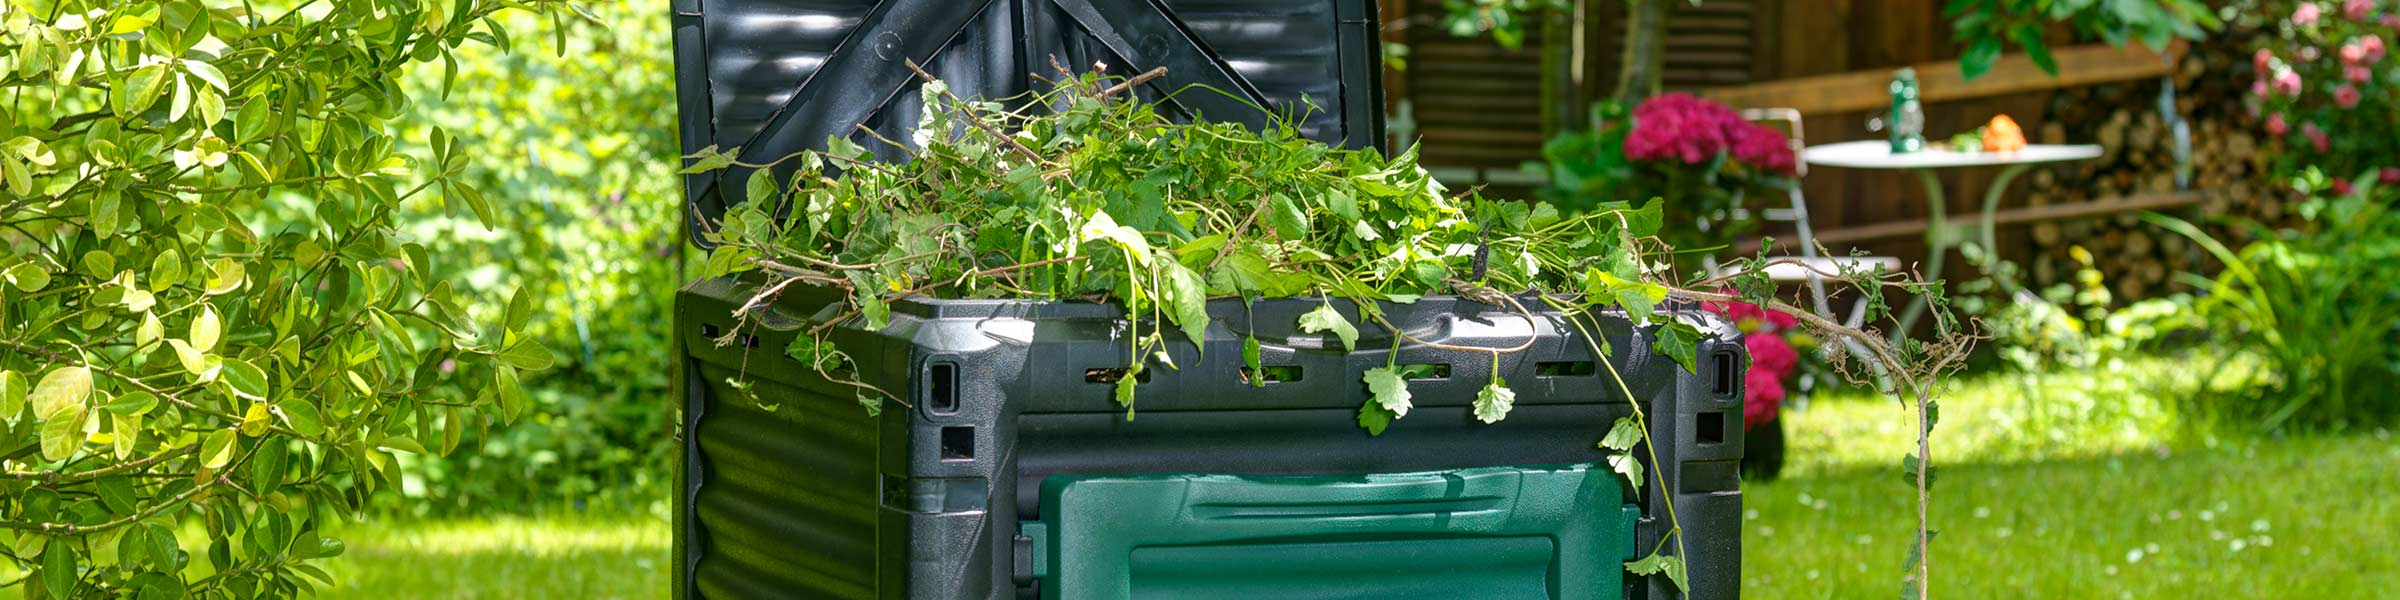 komposter online kaufen   dehner